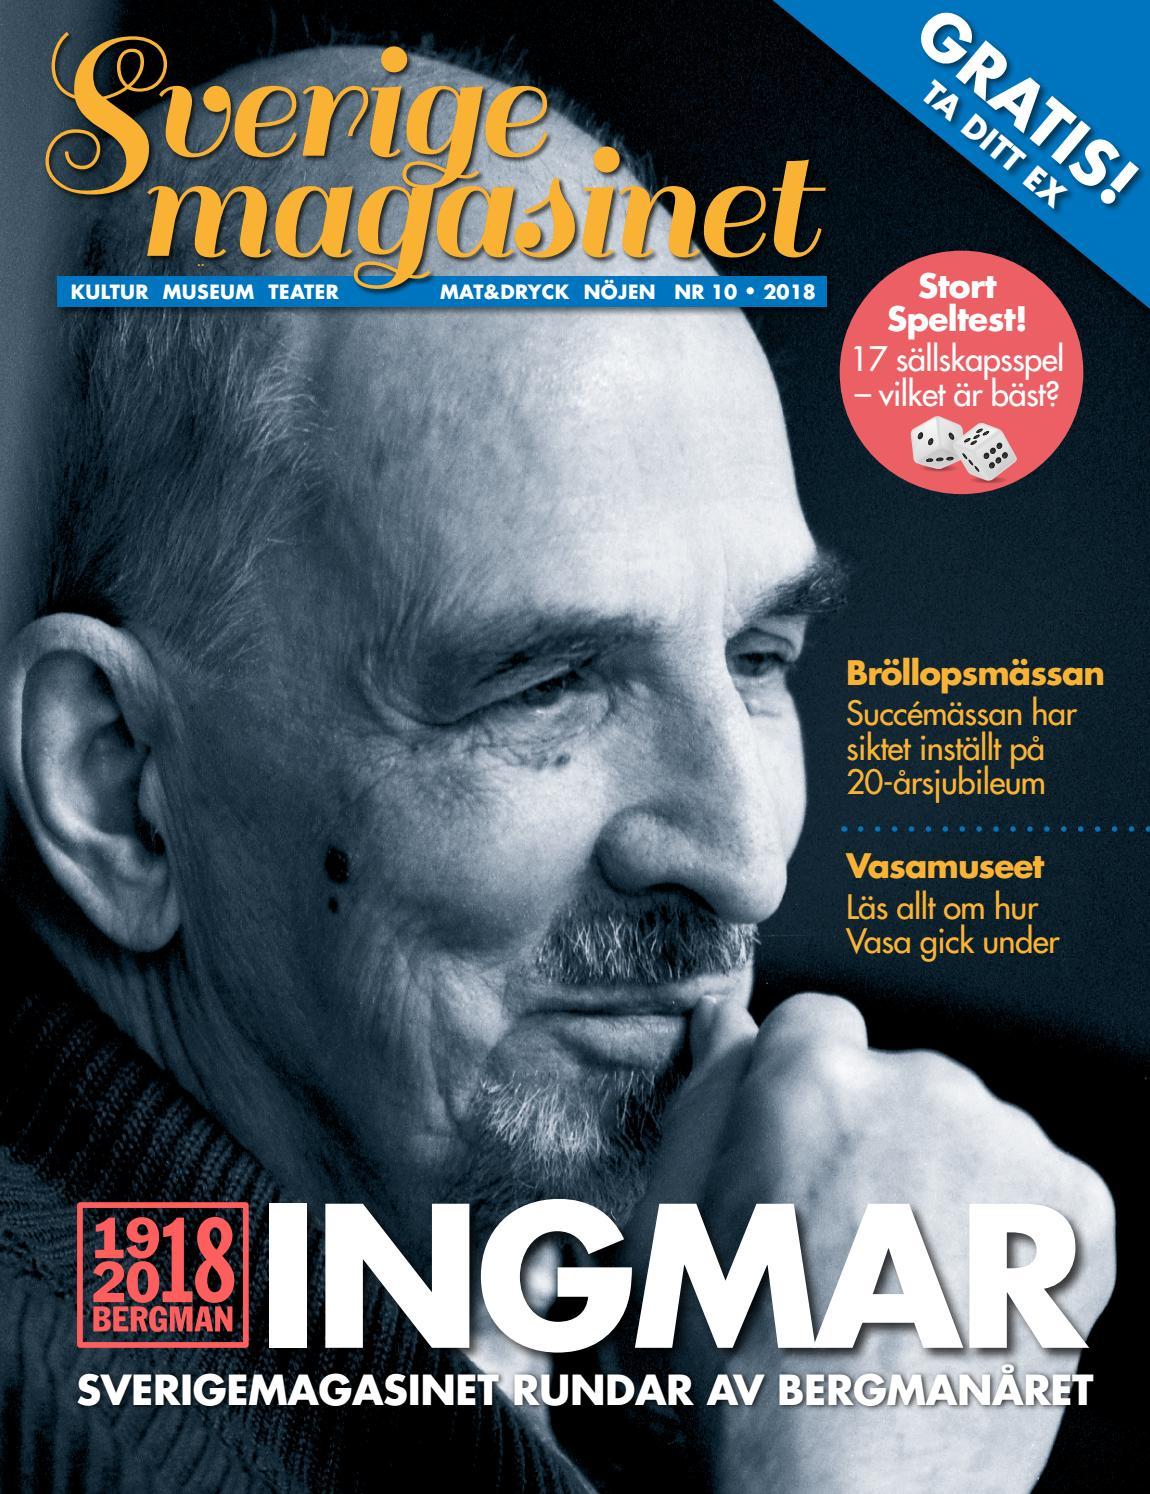 Sverigemagasinet nummer 10 2018 by Sverigemagasinet - issuu 22cf401495254